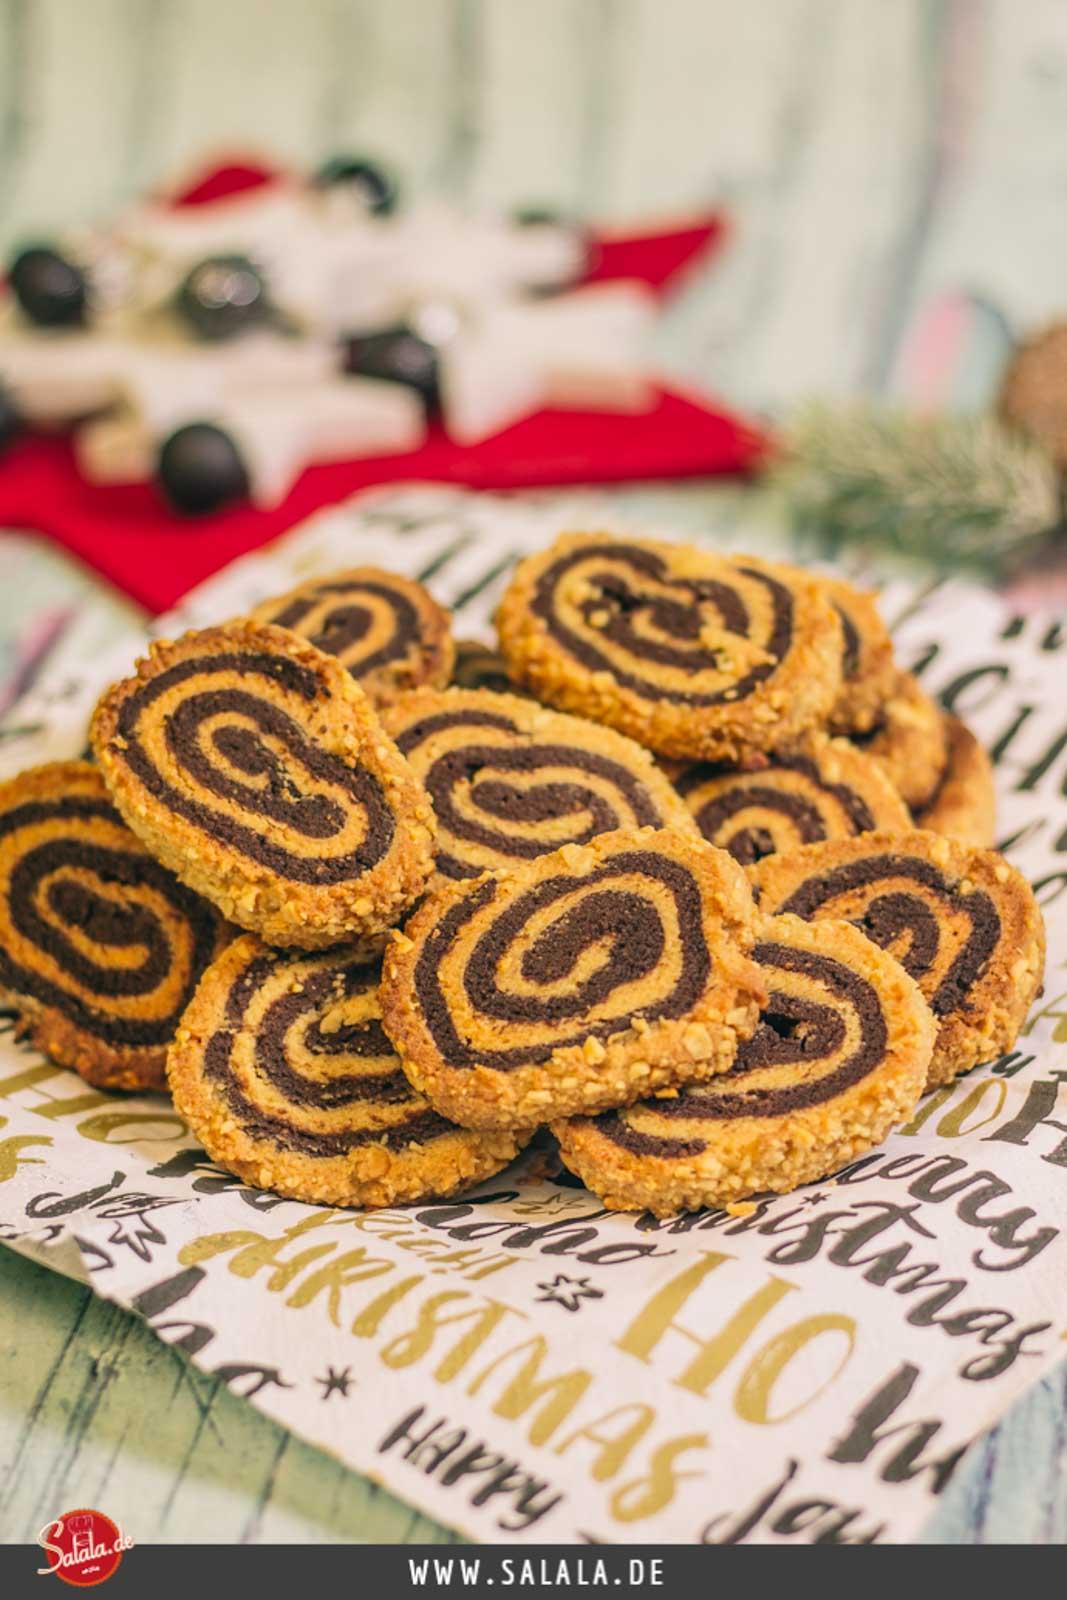 Erdnussplätzchen Low Carb Erdnussrolle - by salala.de - low carb glutenfrei ohne zucker ohne mehl Weihnachten Rezept zuckerfrei mehlfrei